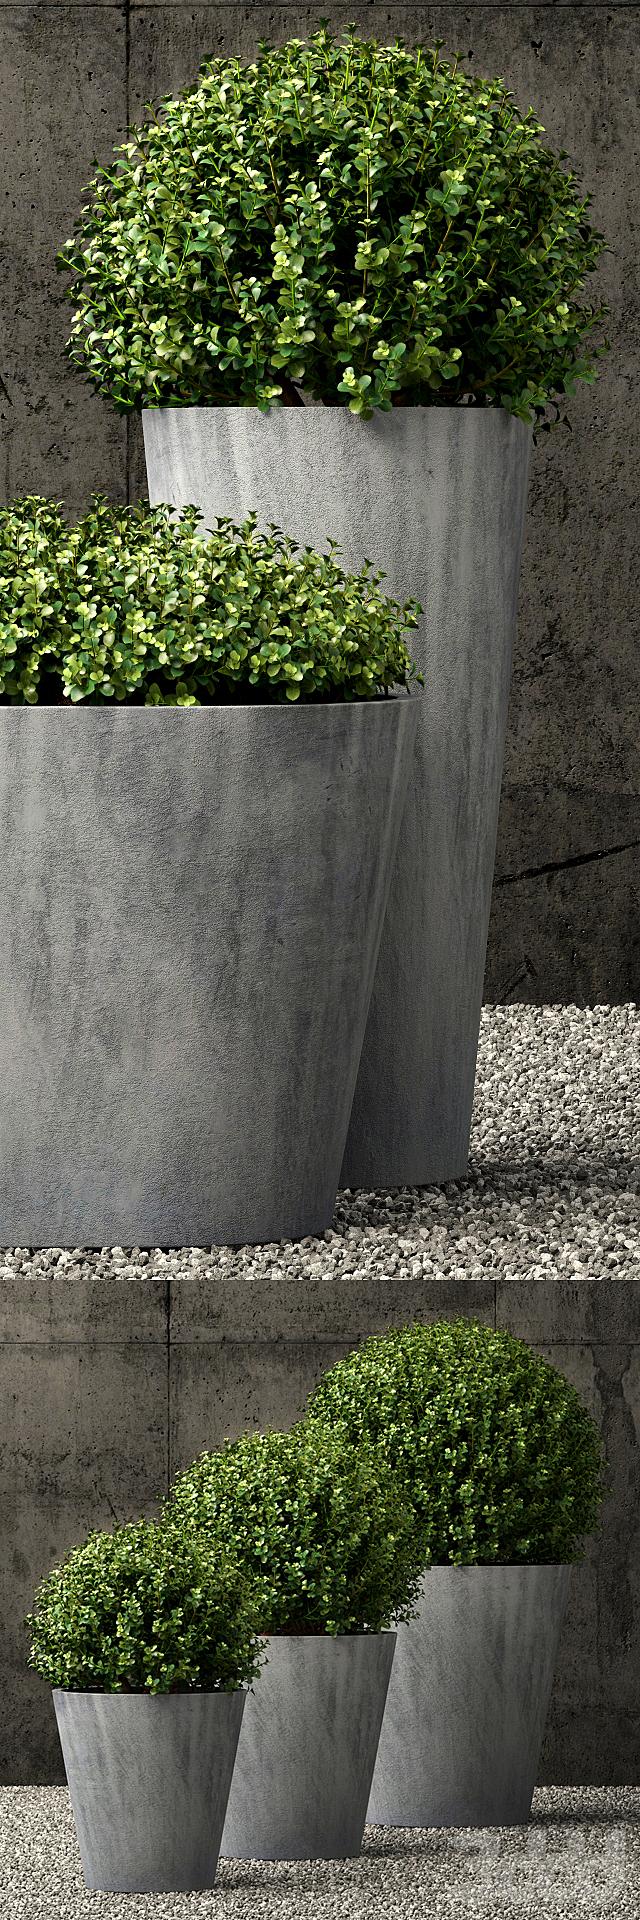 Restoration Hardware estate zinc round planters